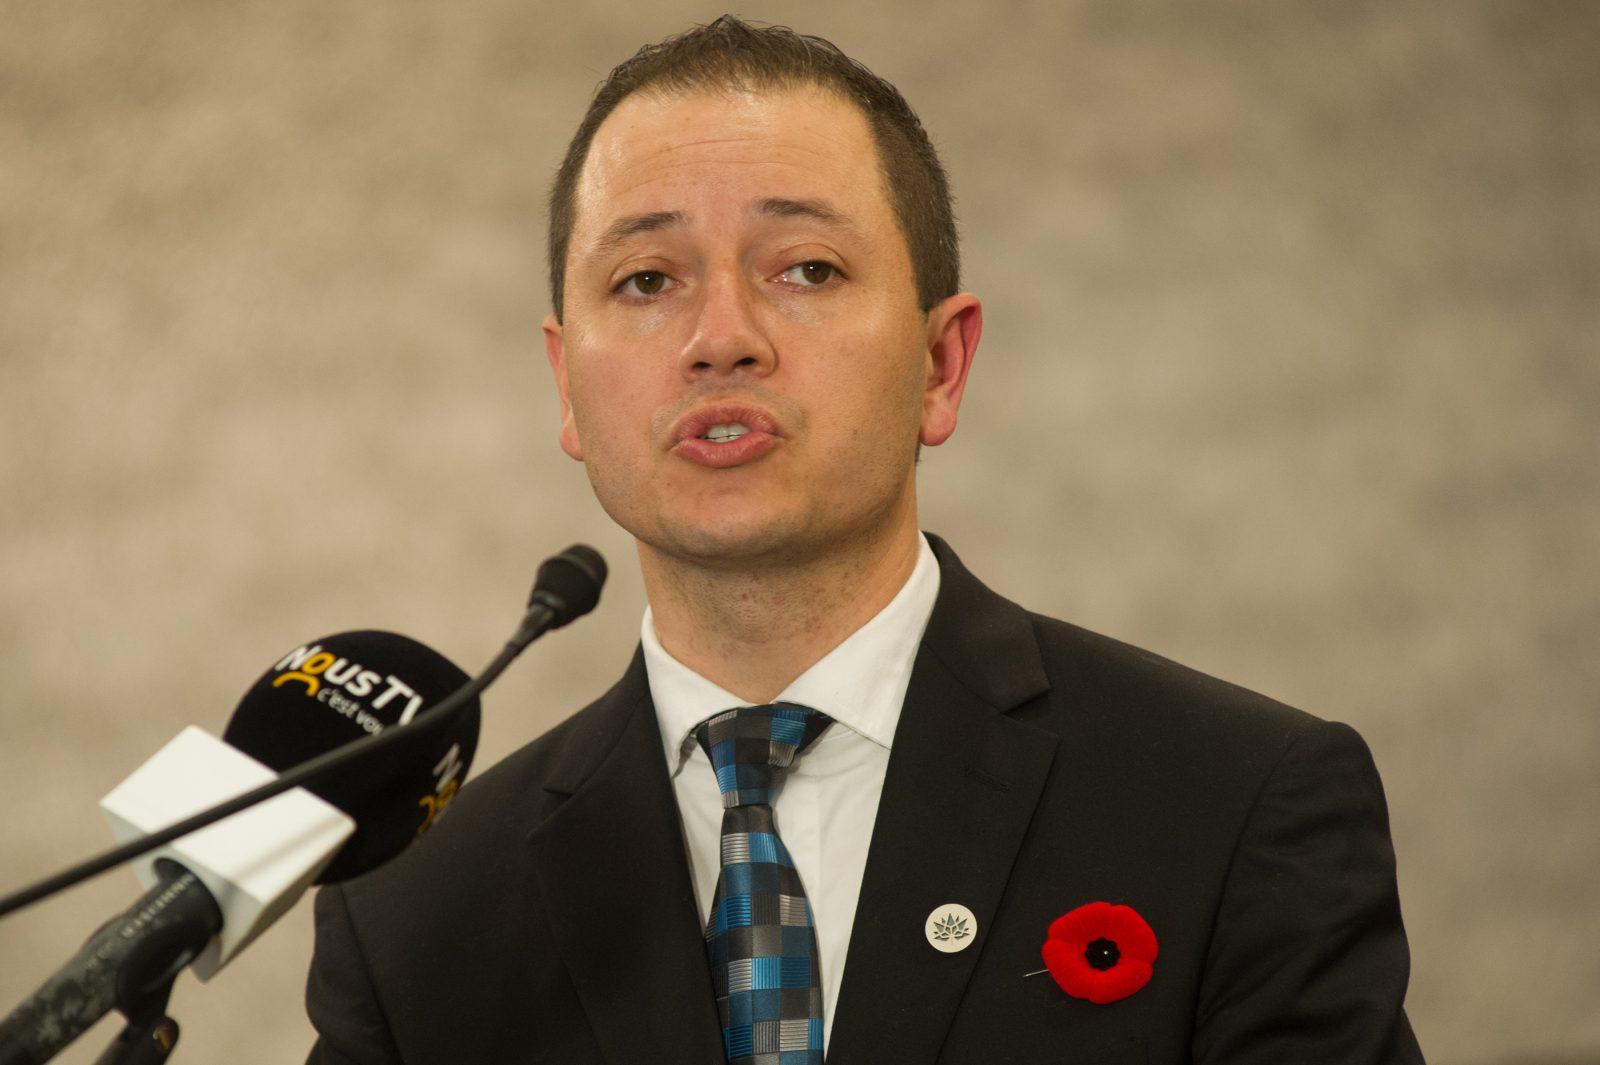 Le nouveau président de l'Association libérale de Drummond voulait être candidat conservateur